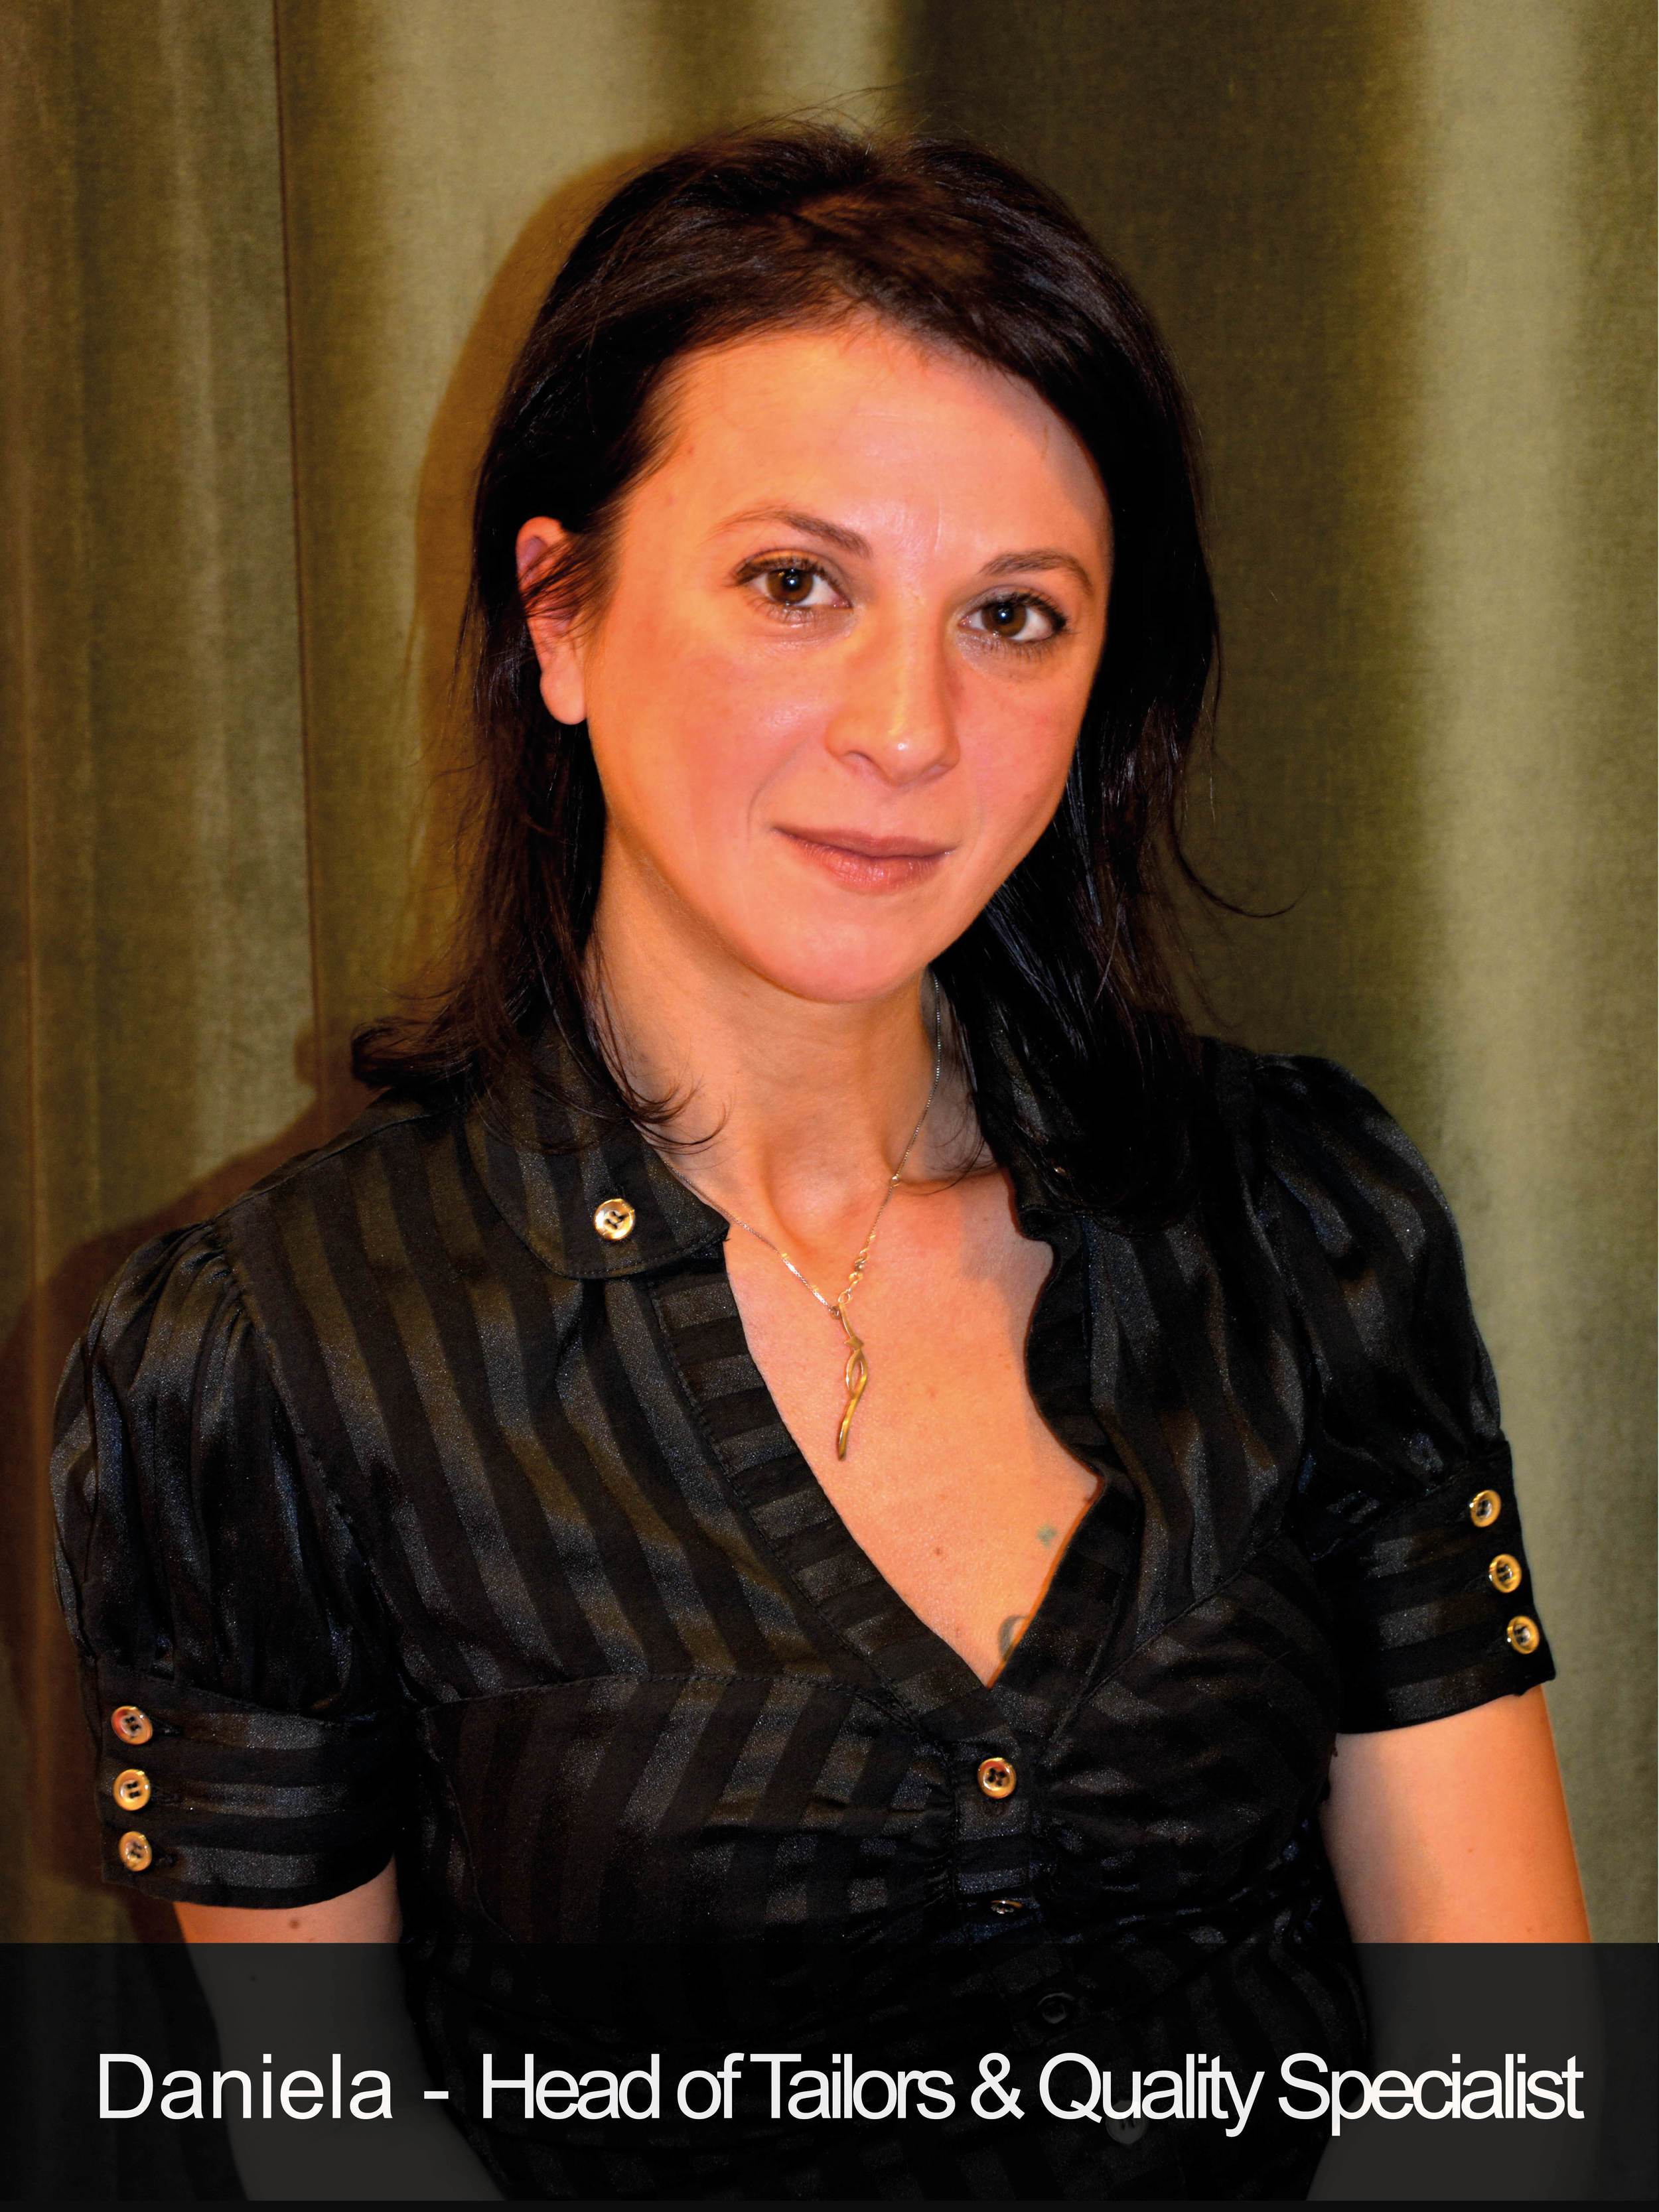 Daniela head of tailors & QC specialist 2.jpg